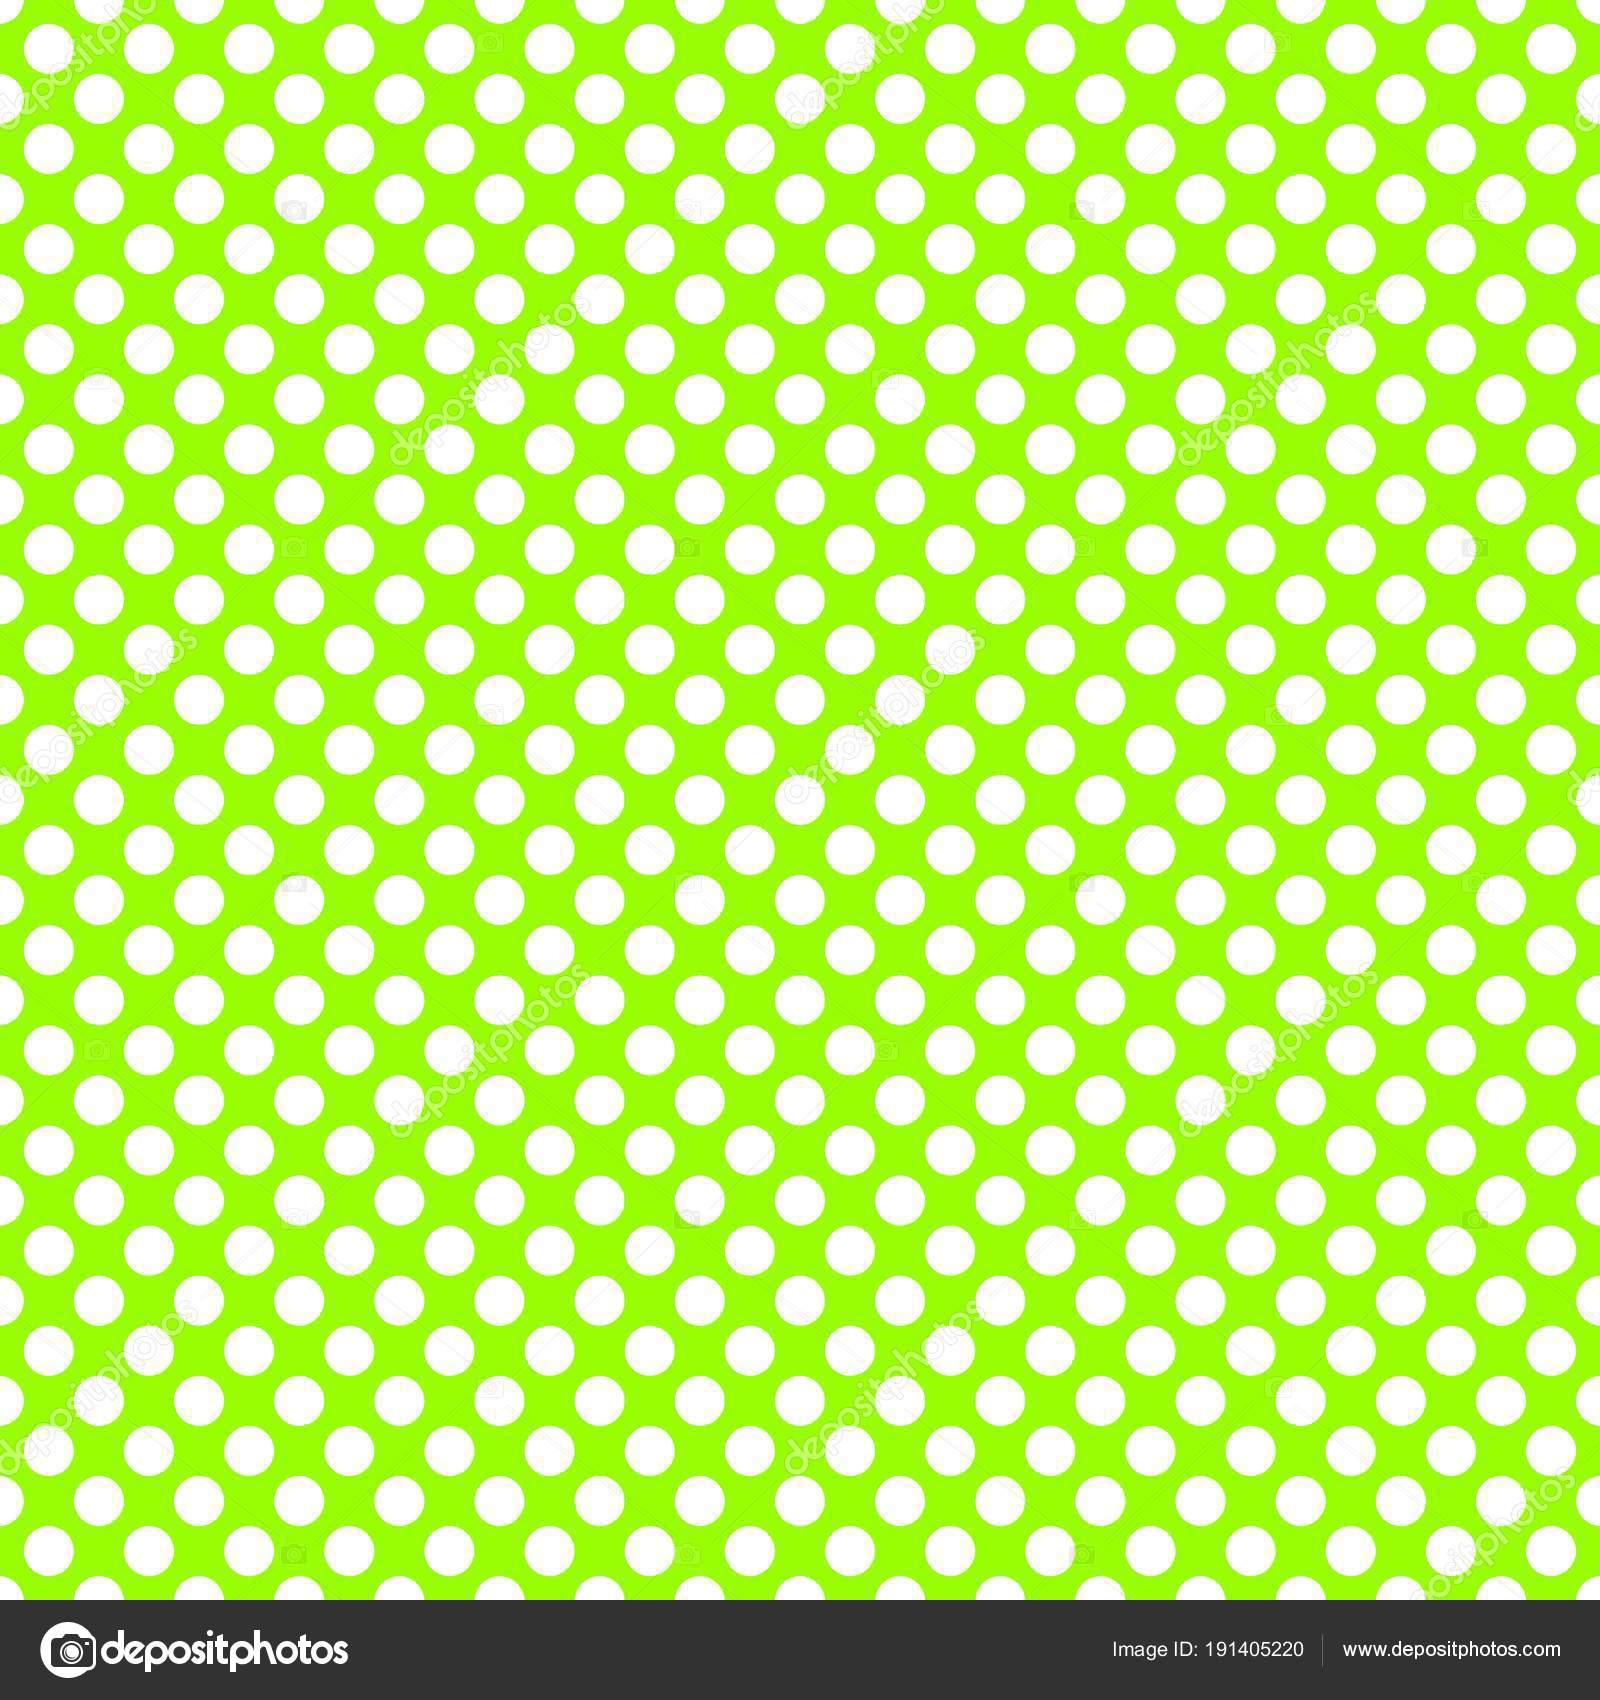 Reticolo Vettore Delle Mattonelle Con Pois Bianchi Sfondo Verde Neon